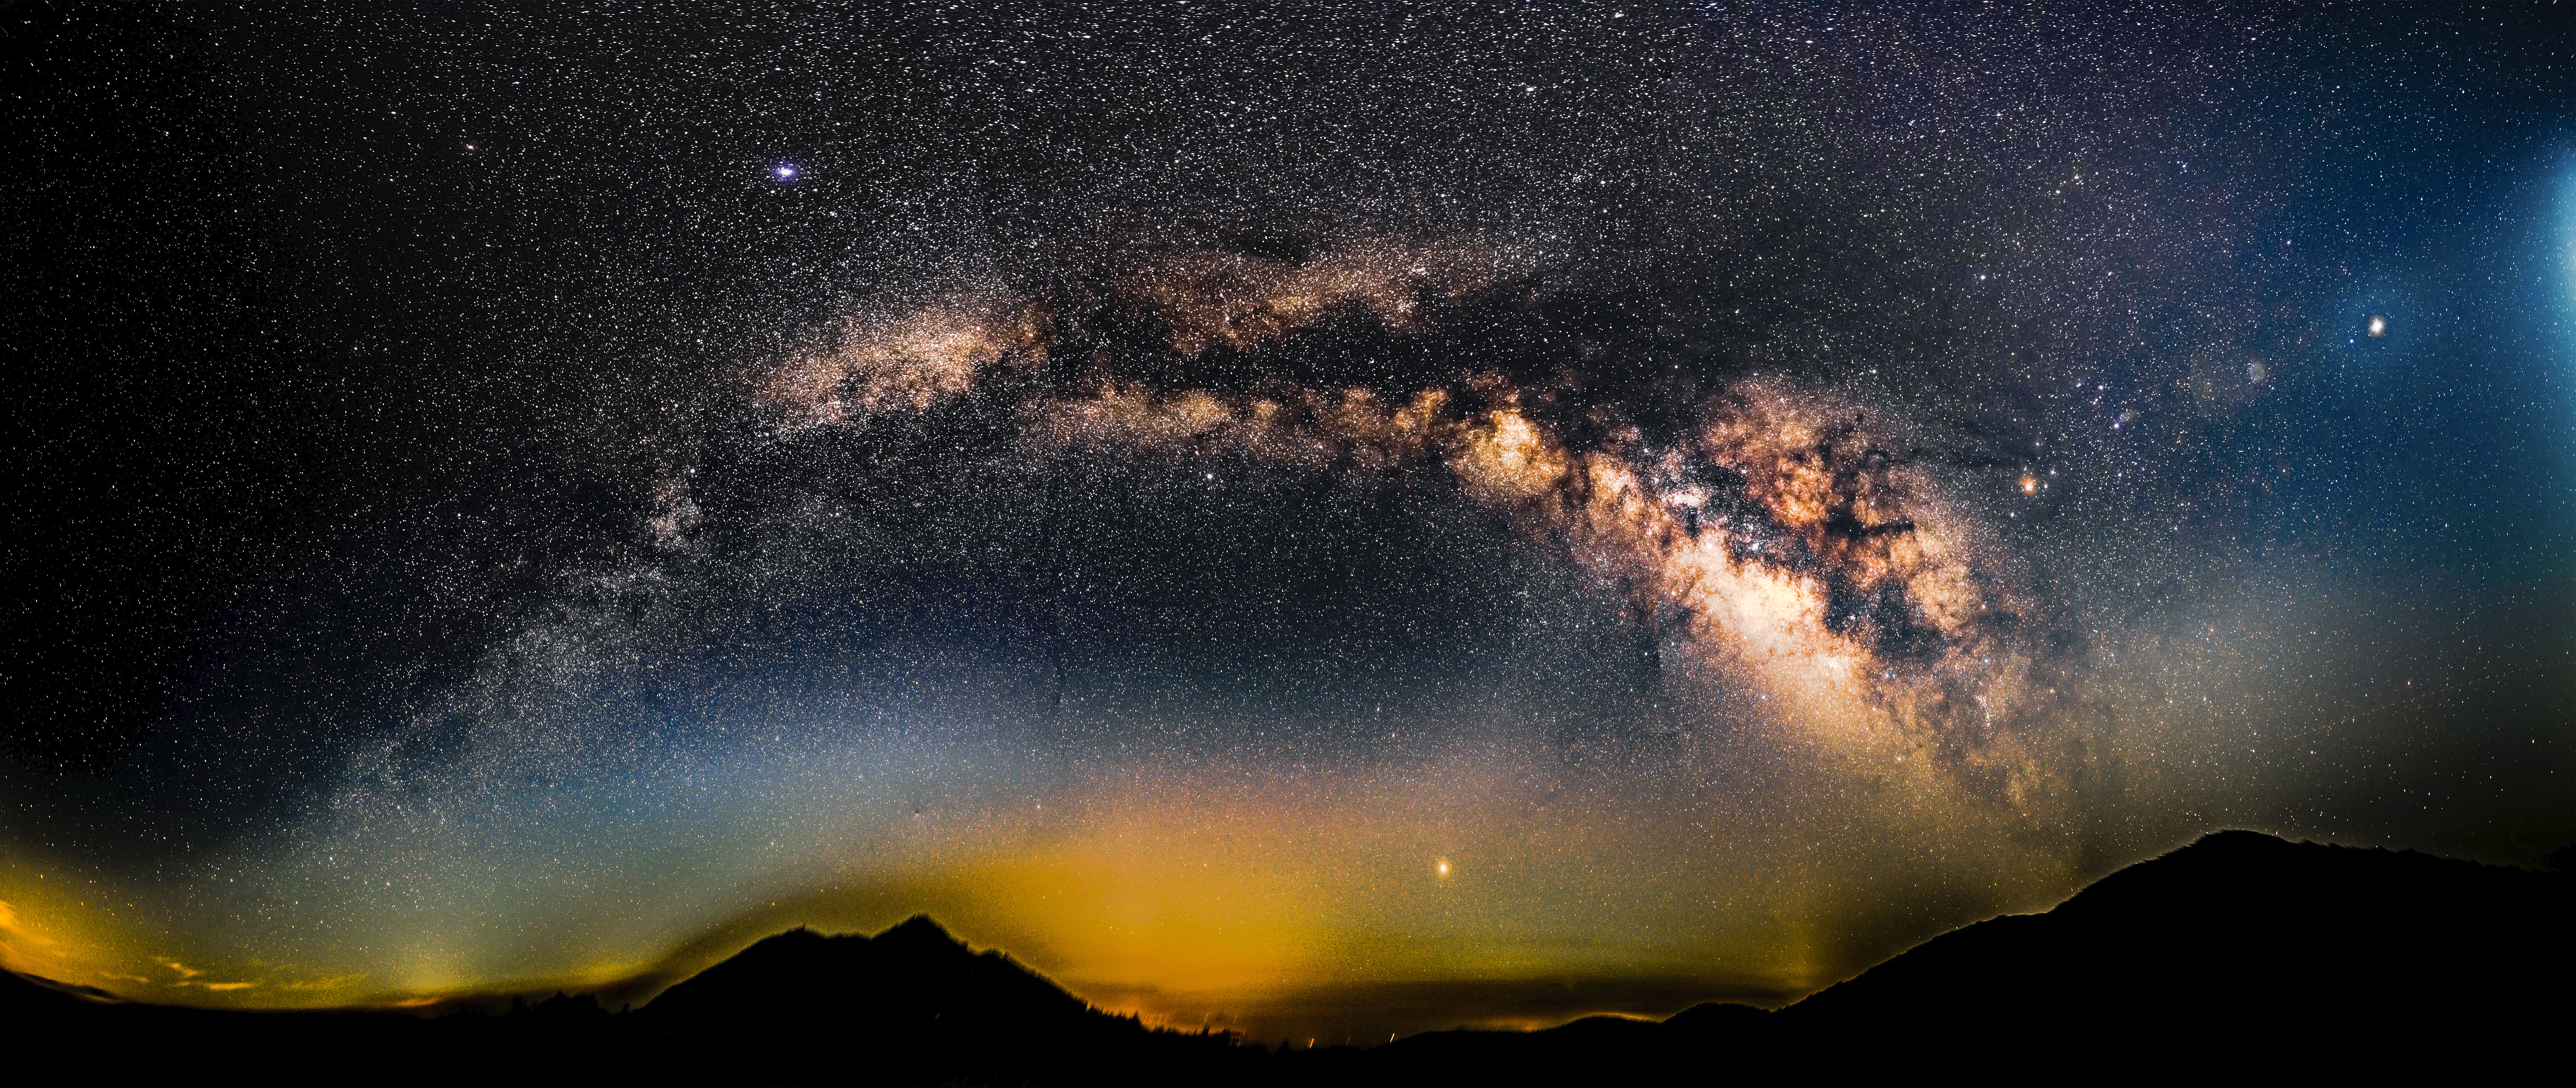 摄影笔记 篇一:留住夏夜星海,看完你也能轻松拍银河—银河拍摄技巧分享